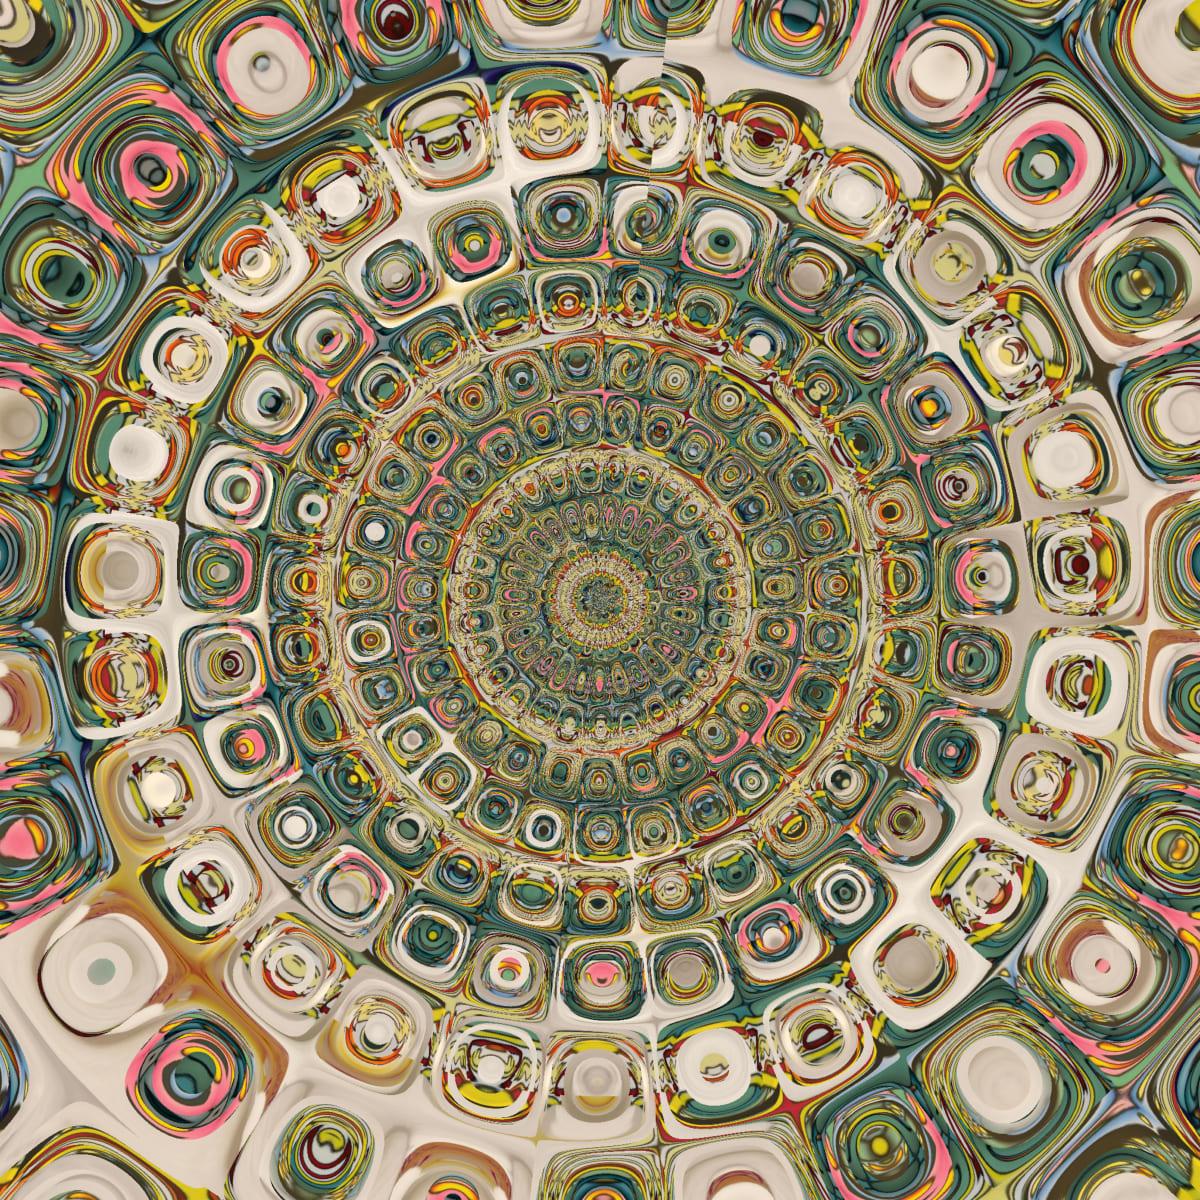 Kaleidoscope 3 by Y. Hope Osborn